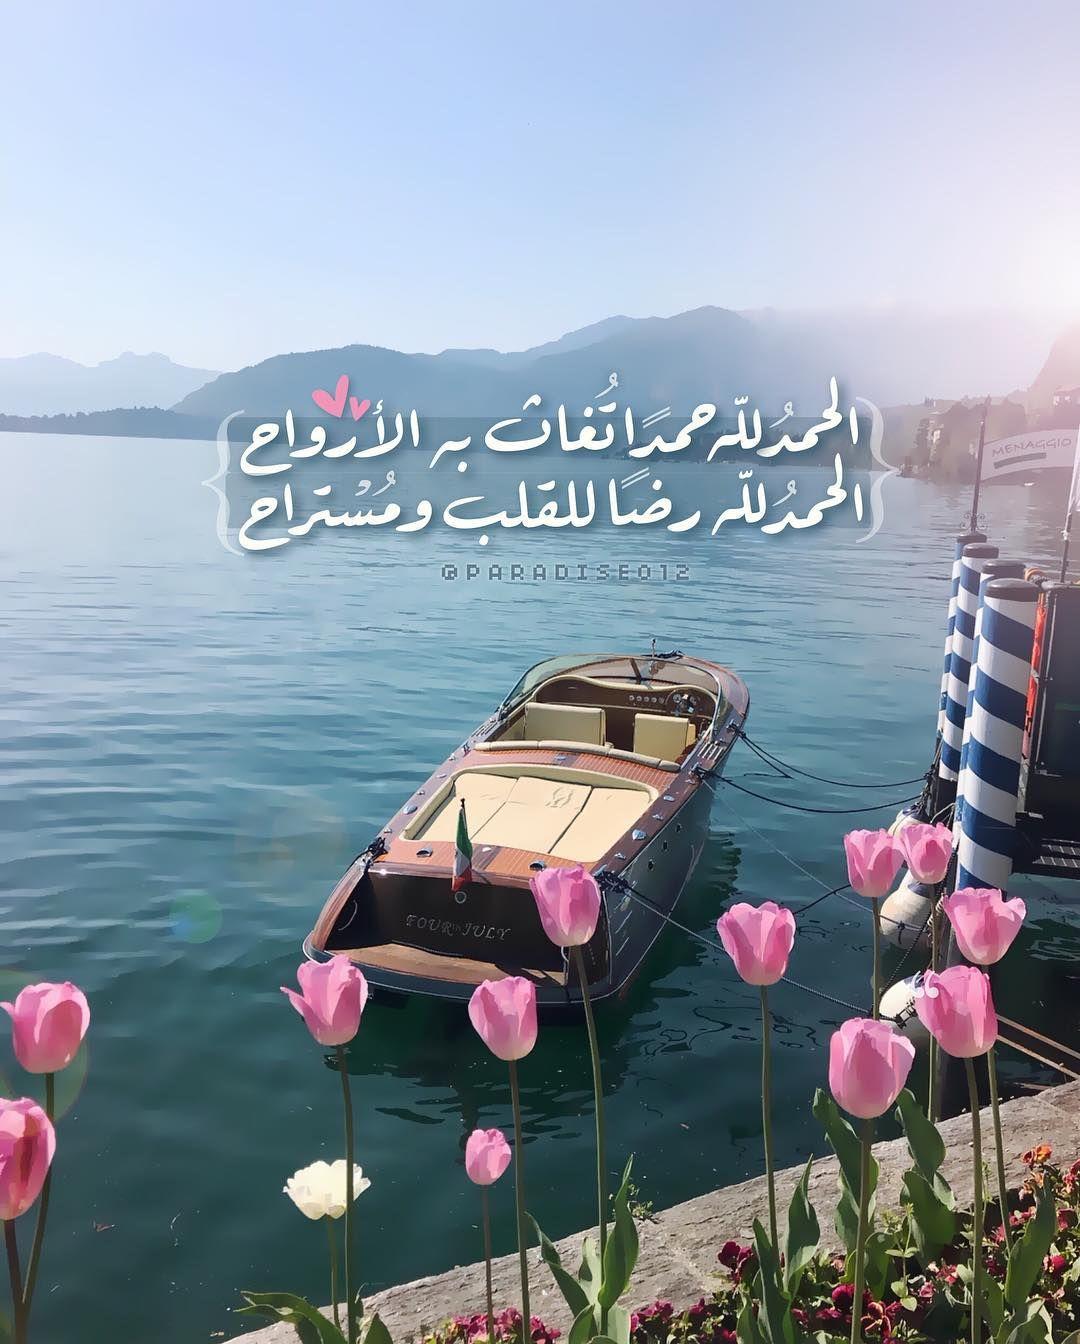 الحمدلله ملء كل شئ Arabic Quotes Beautiful Morning Messages Beautiful Quran Quotes